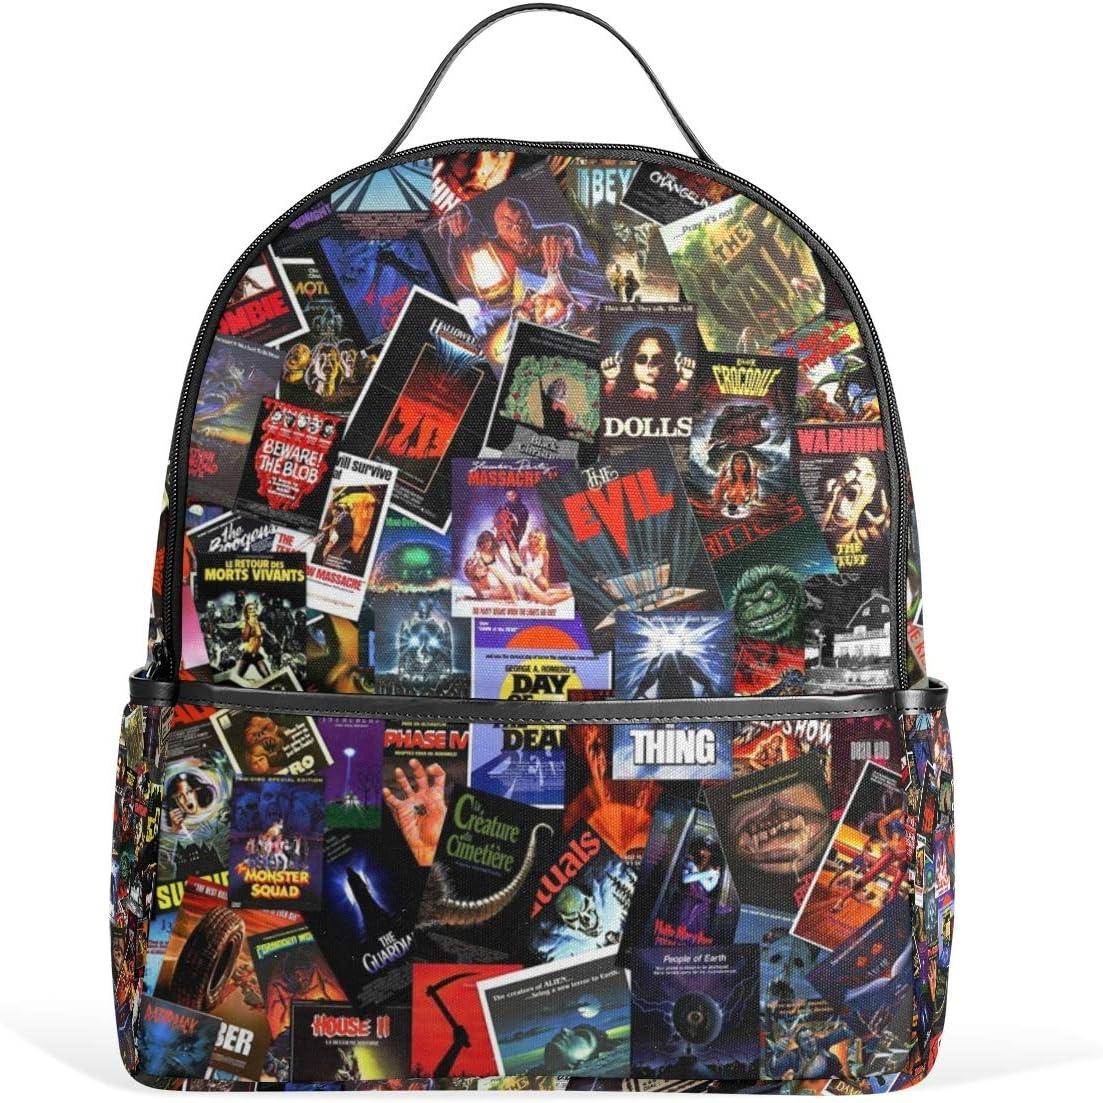 LIVING DEAD SOULS.JAWBREAKER MESSENGER BAG BG2660 PURPLE SCHOOL BAG HOLIDAY